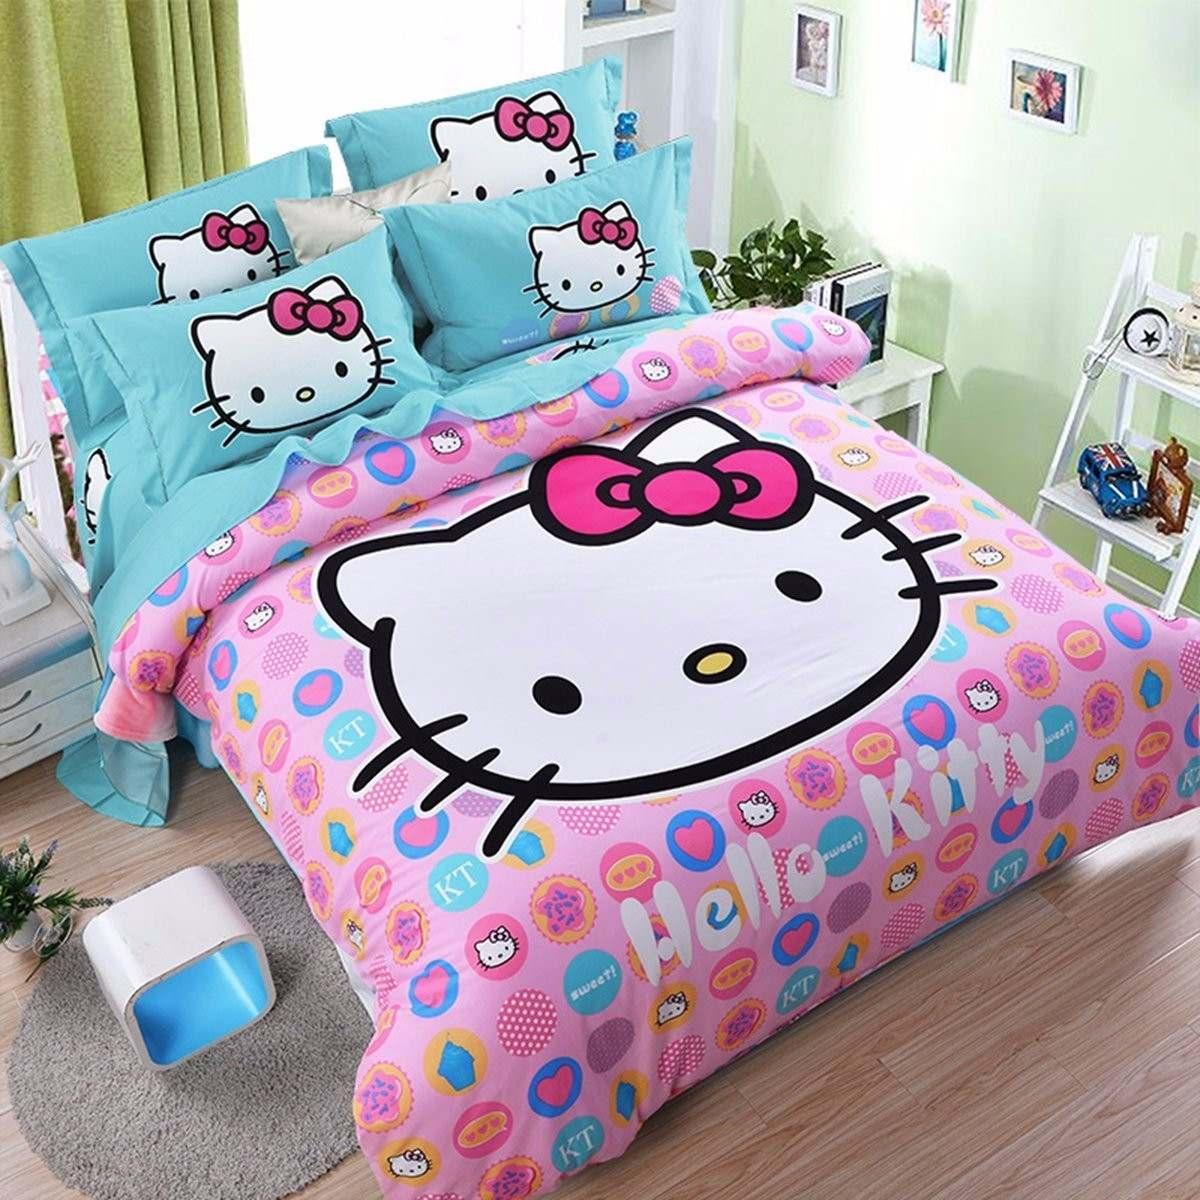 Funda Para Edredon Hello Kitty   King   $ 699.000 en Mercado Libre